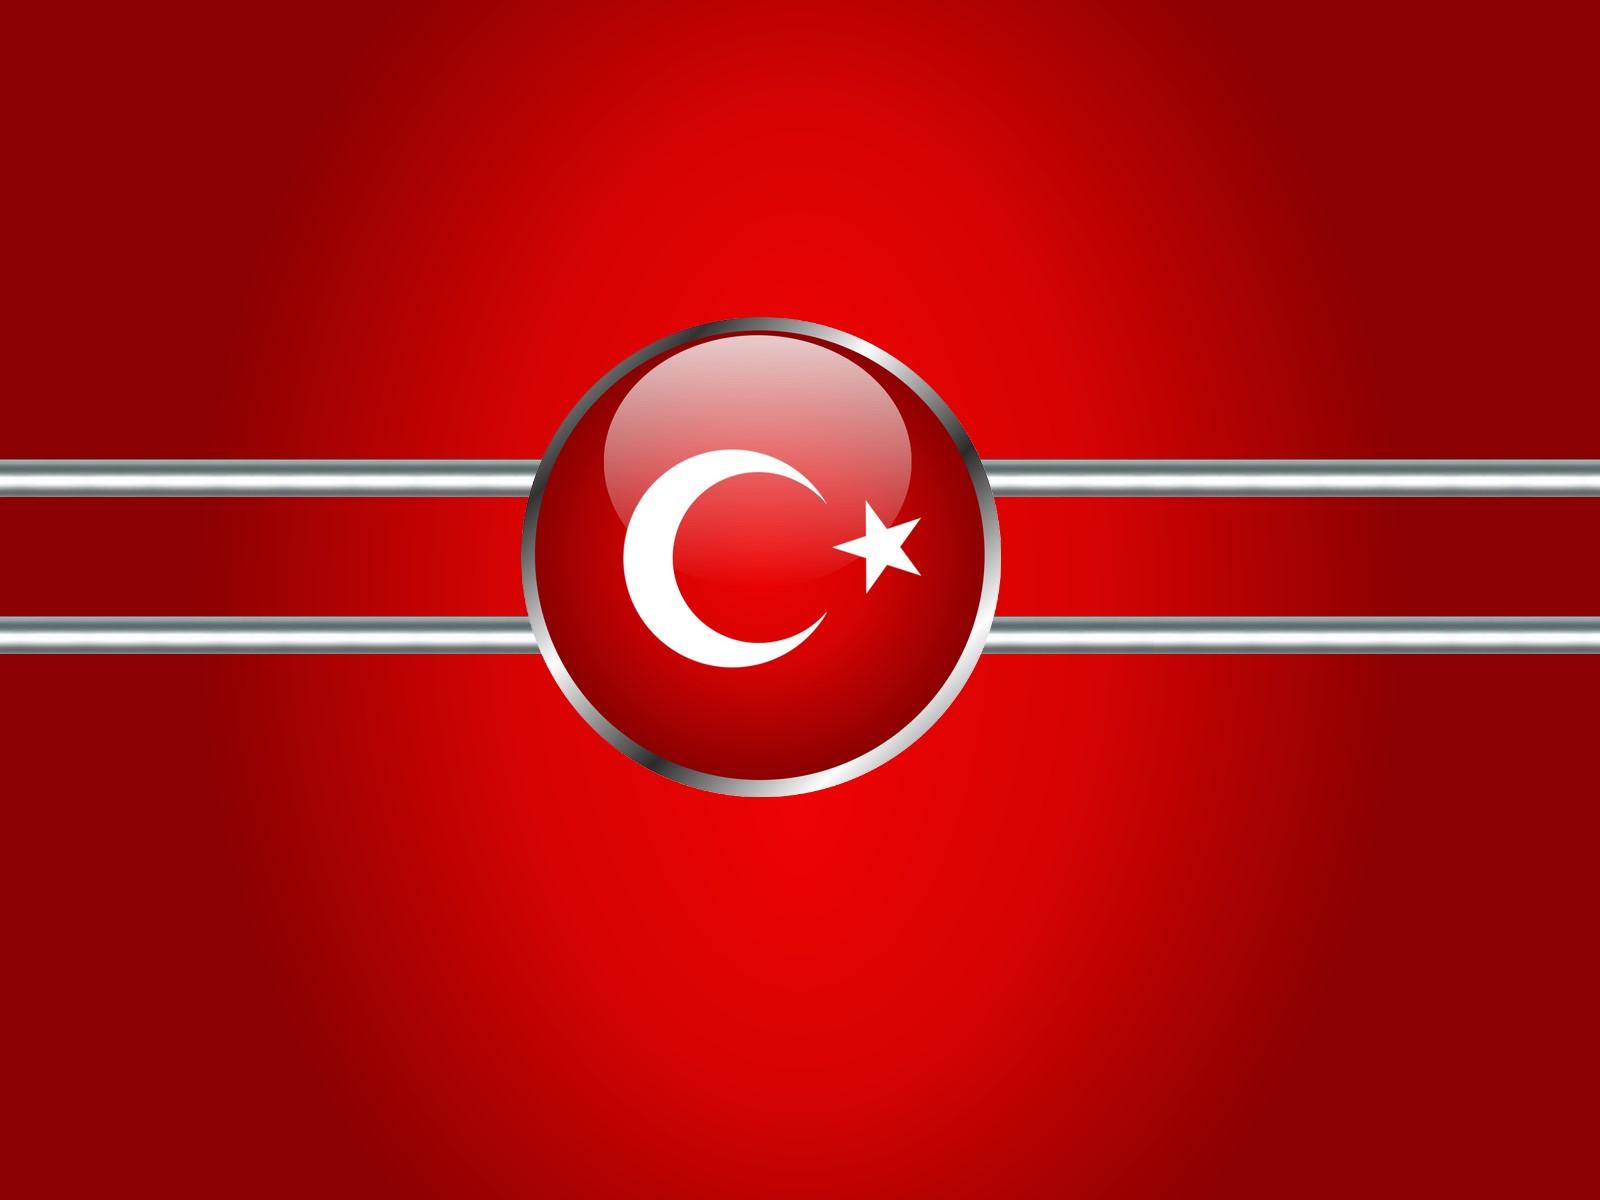 Osmaniye Bayrak İmalatı ve Bayrak Üretimi